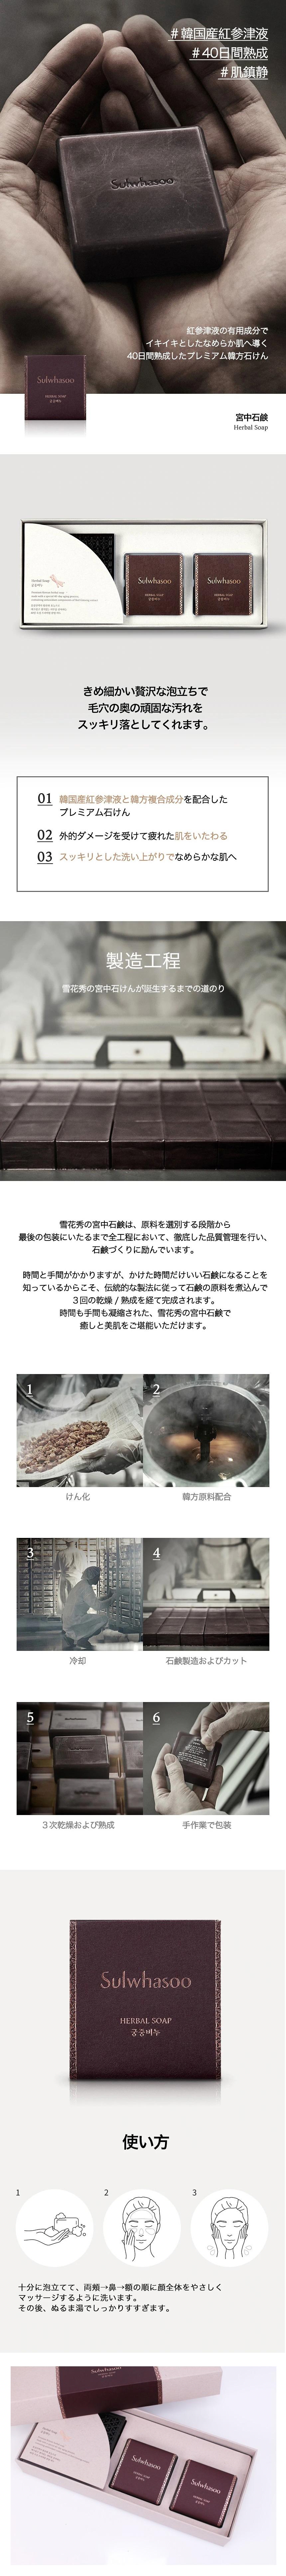 [雪花秀/ソルファス] 宮中石鹸 雪花秀 ハーバルソープ